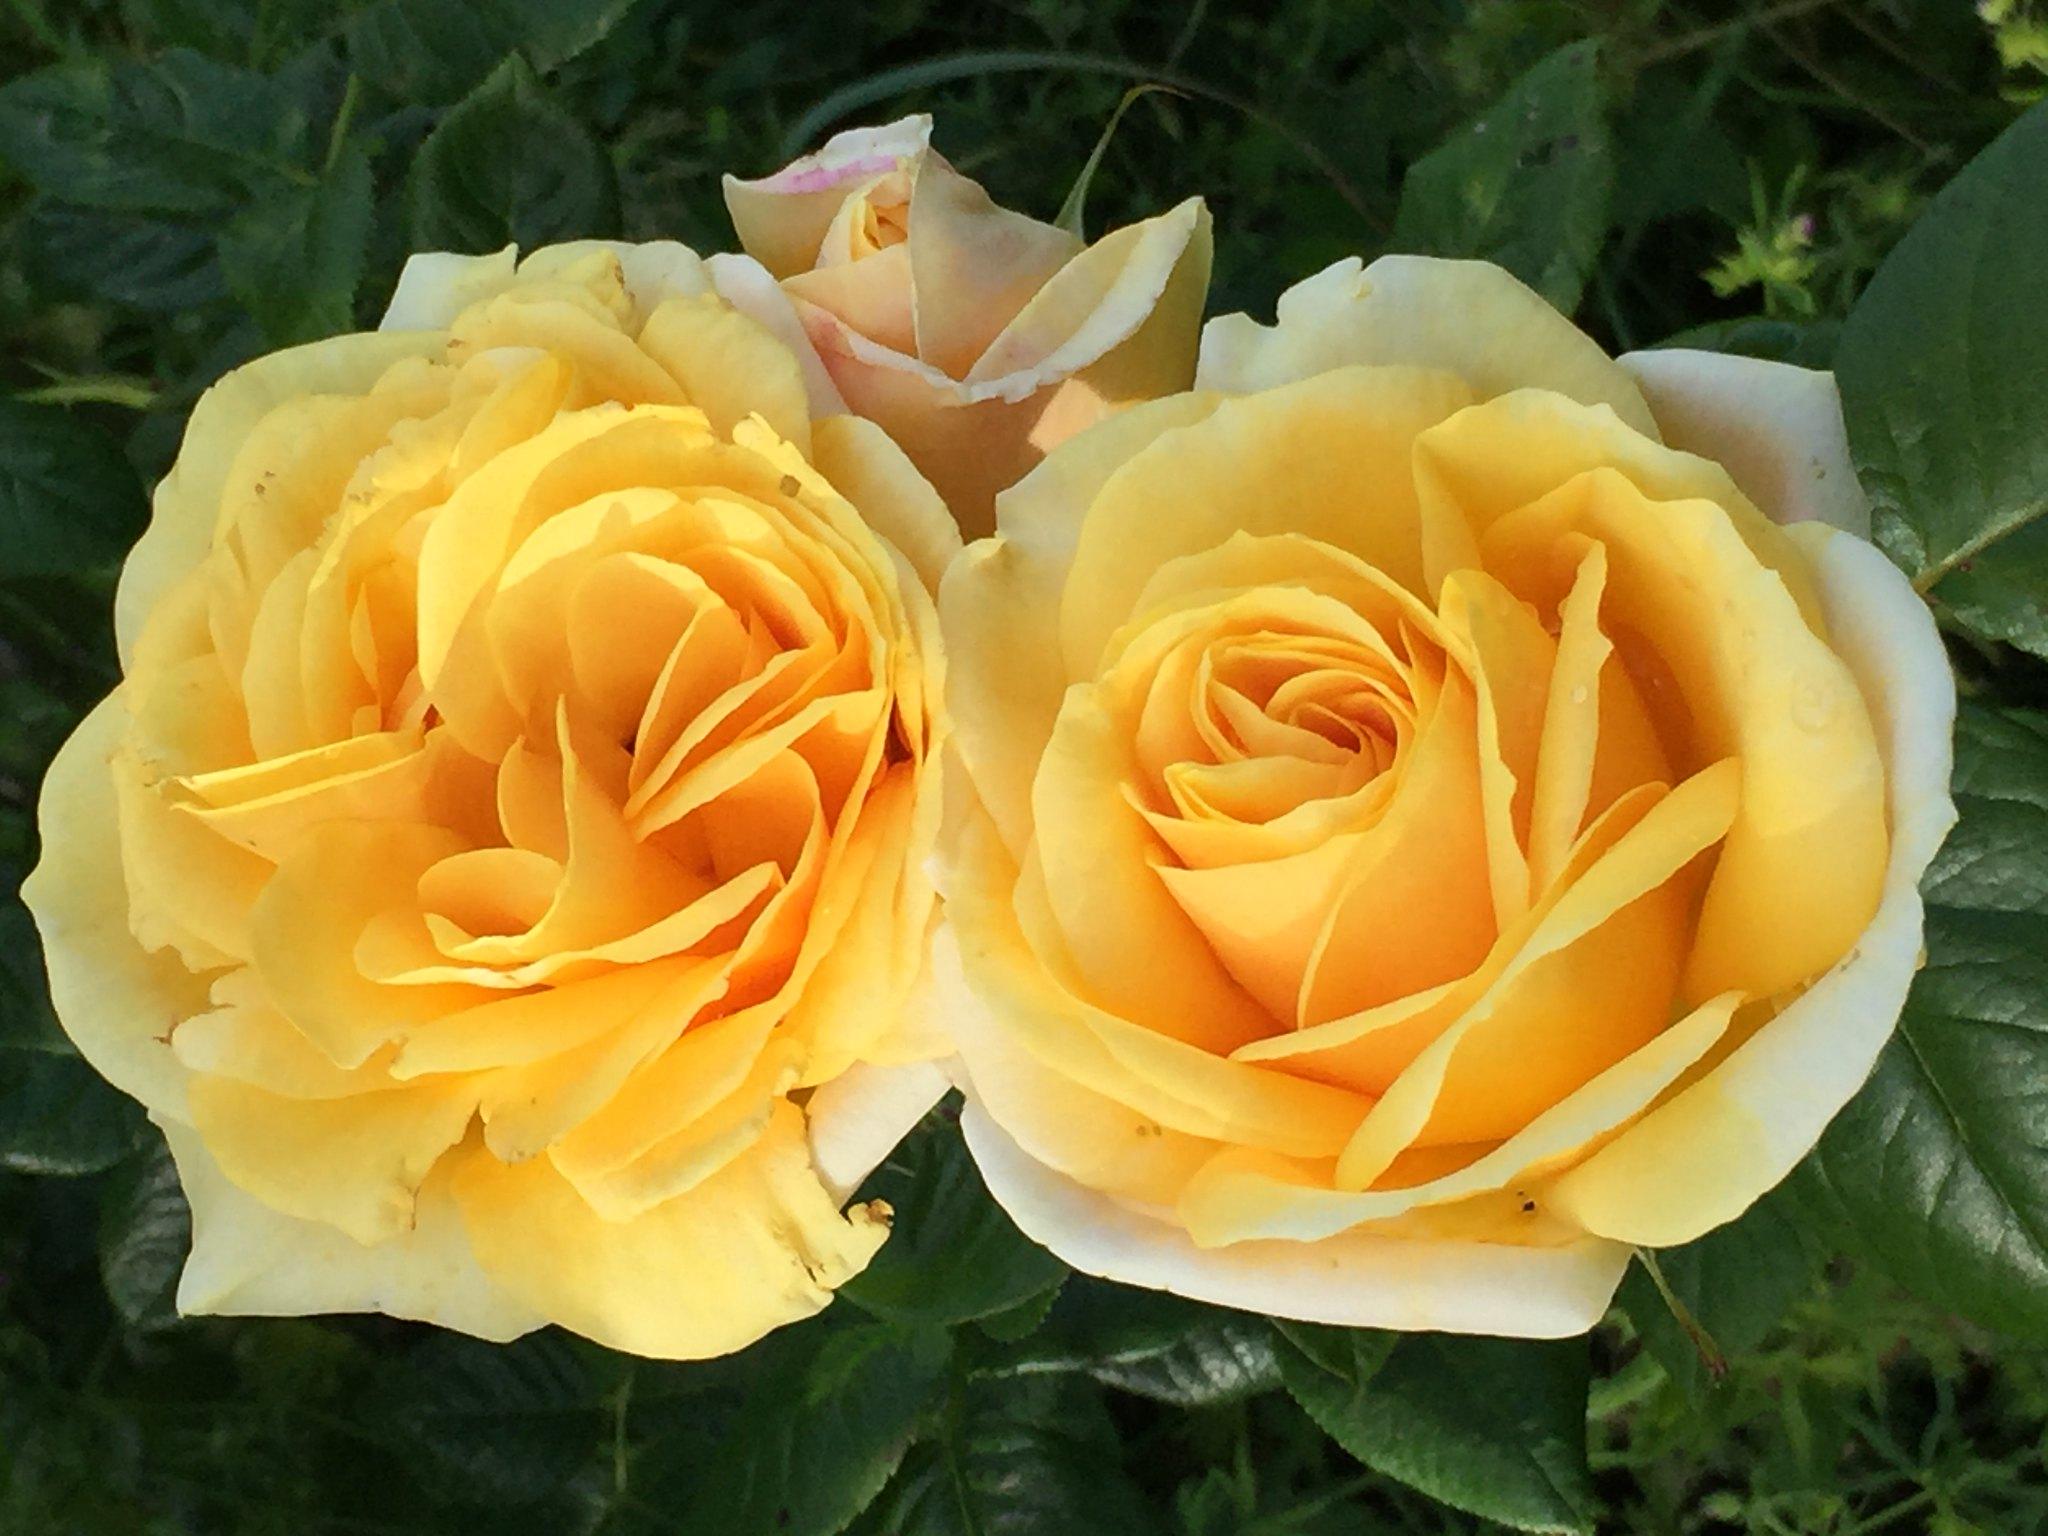 Rose double jaune - Marie Catherine Phanekham